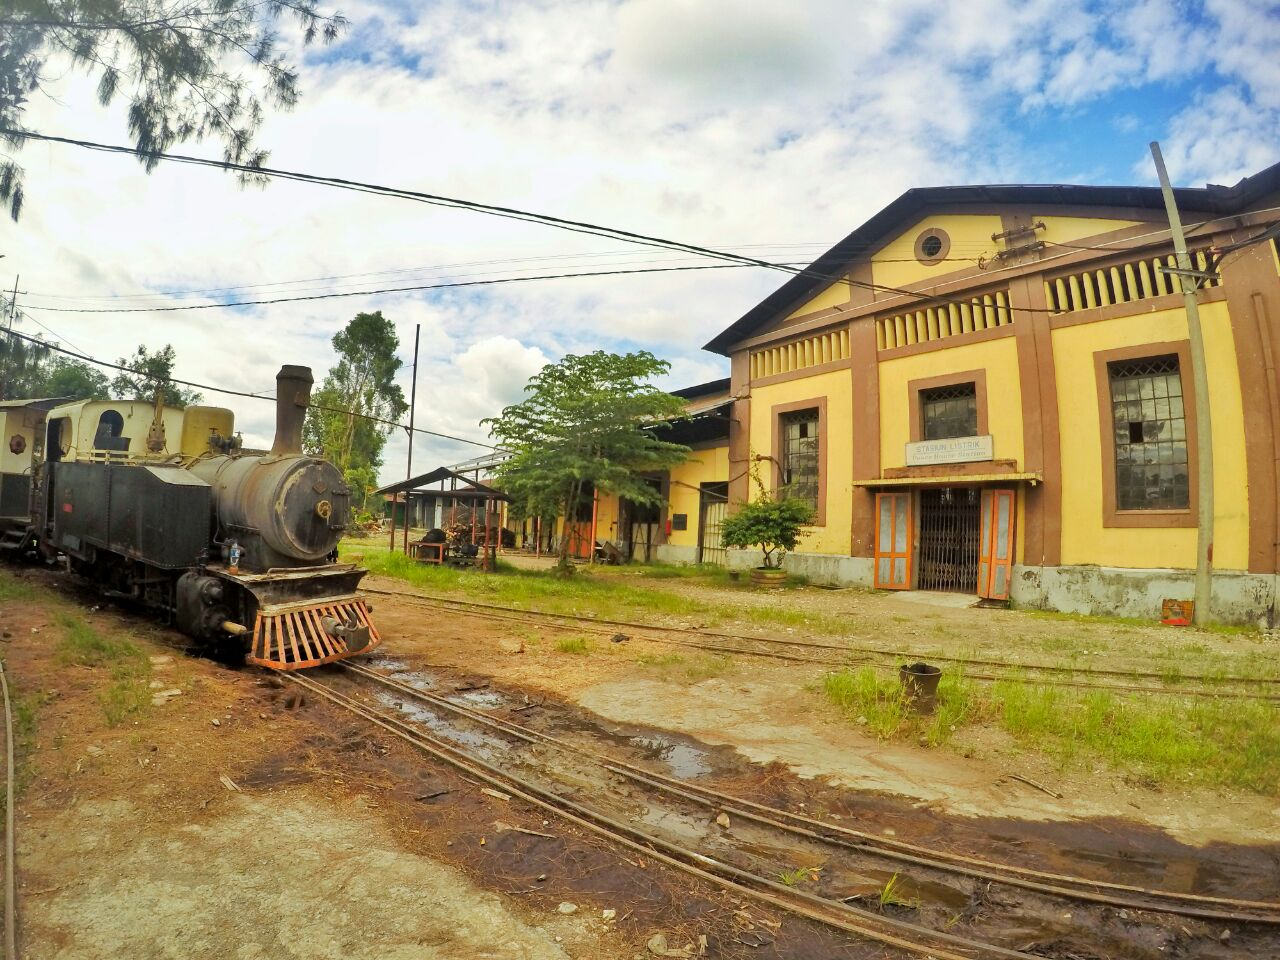 Kompleks Sejarah Pabrik Gula Gondang Winangoen Klaten 8